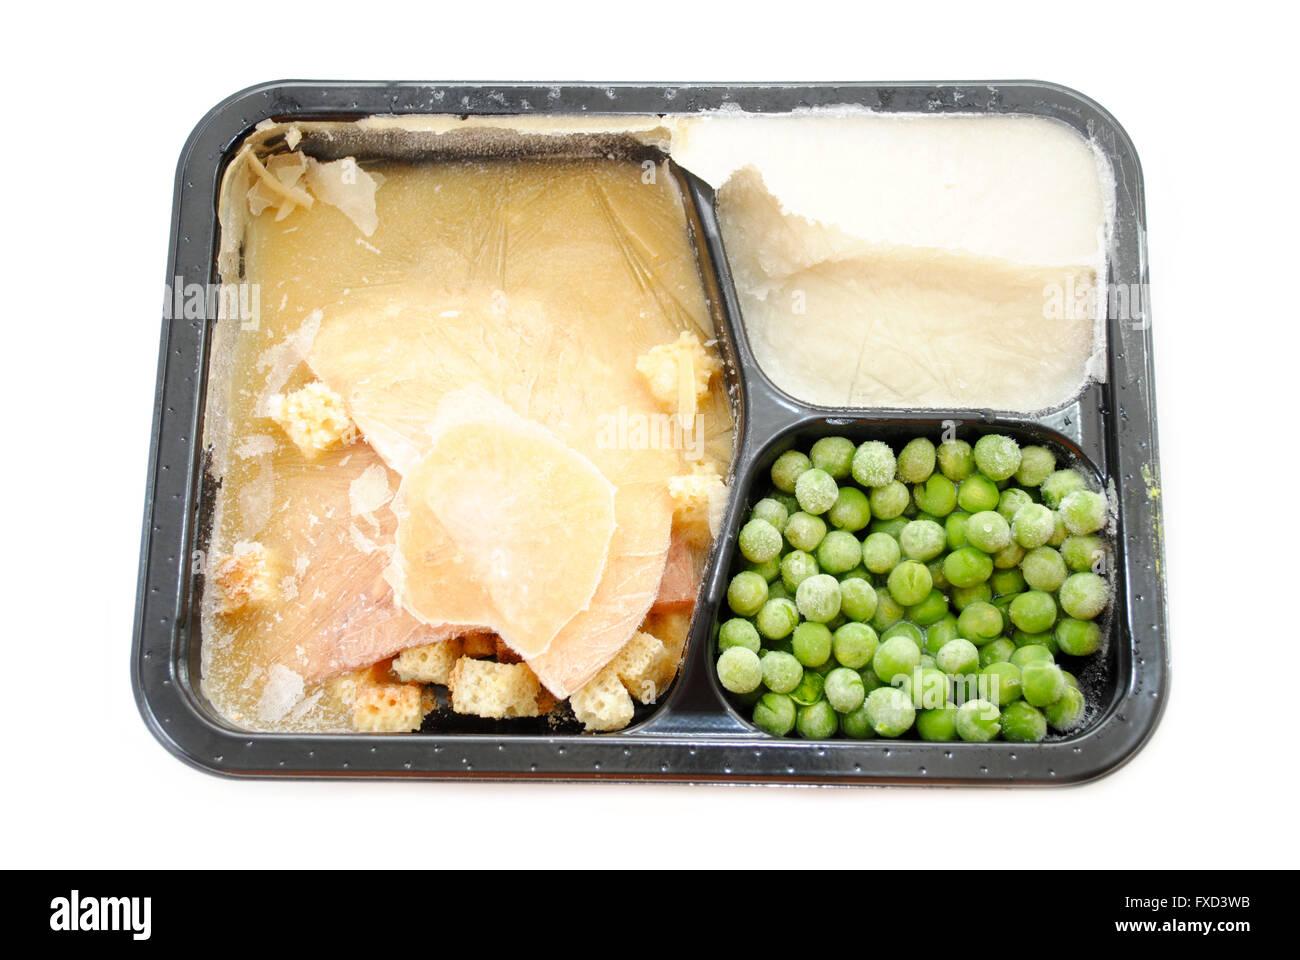 A Frozen Turkey TV Dinner Over White - Stock Image